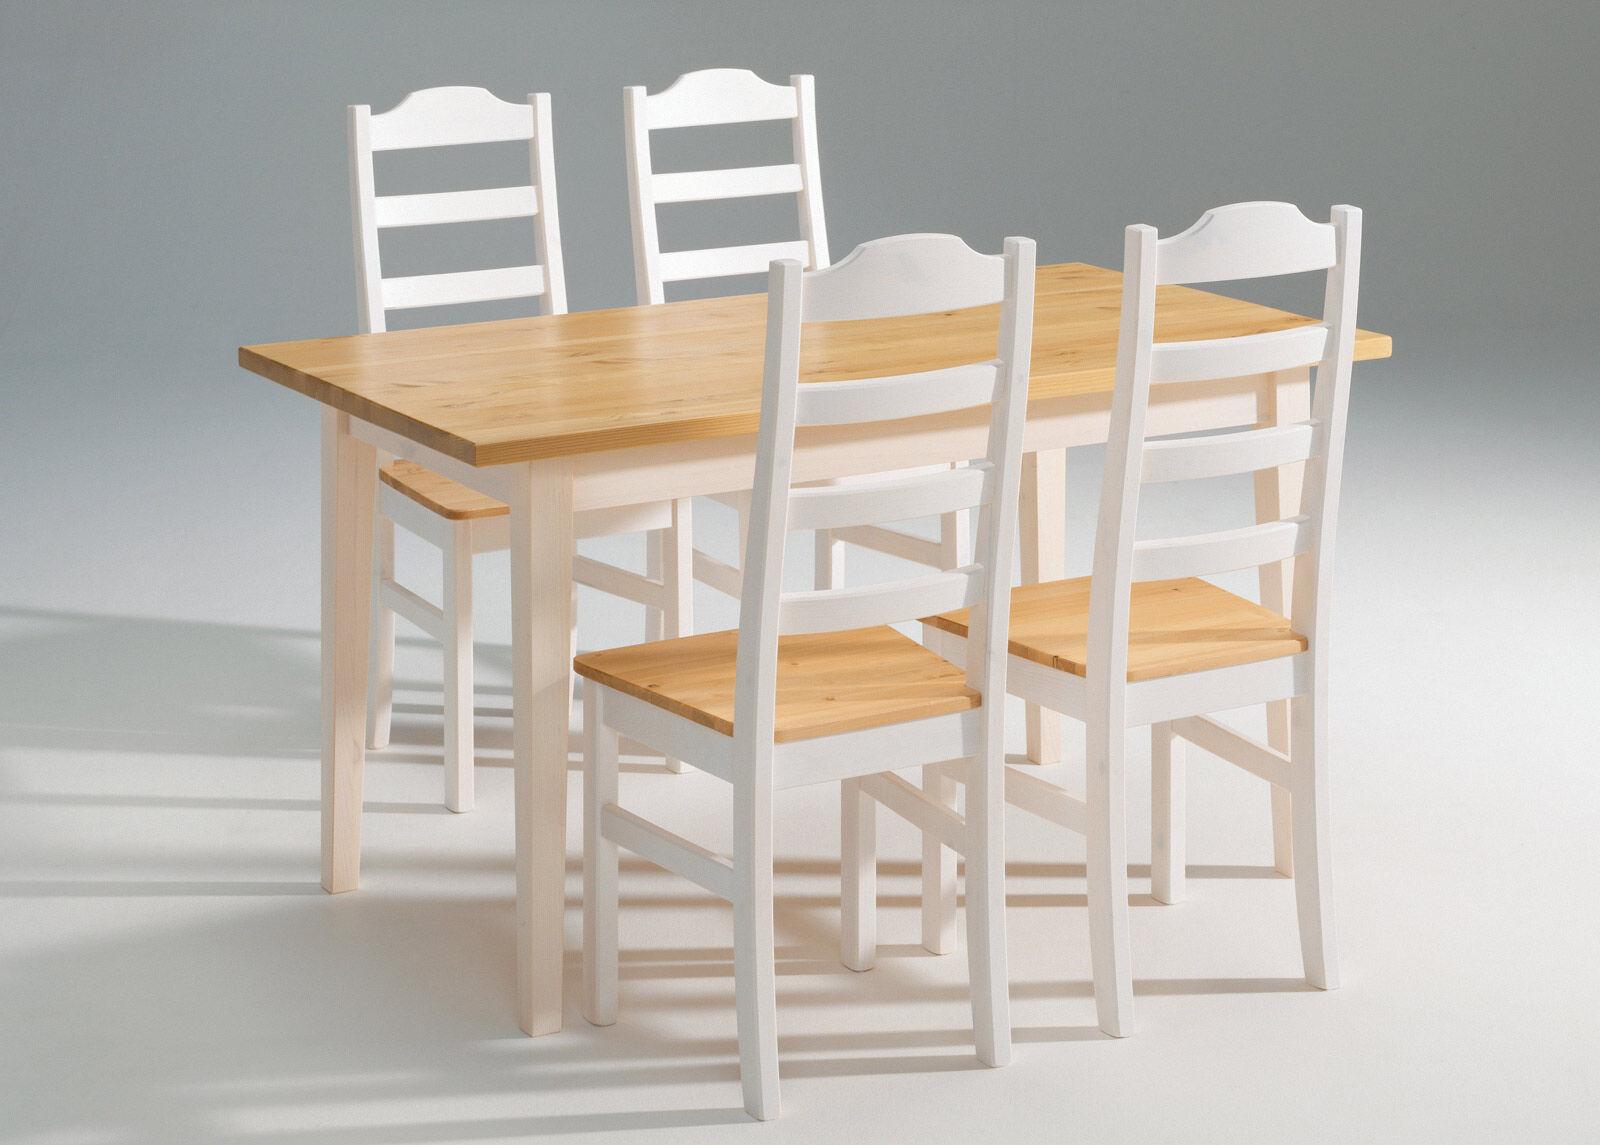 Scala Ruokapöytä SCALA, mänty 90x140 cm